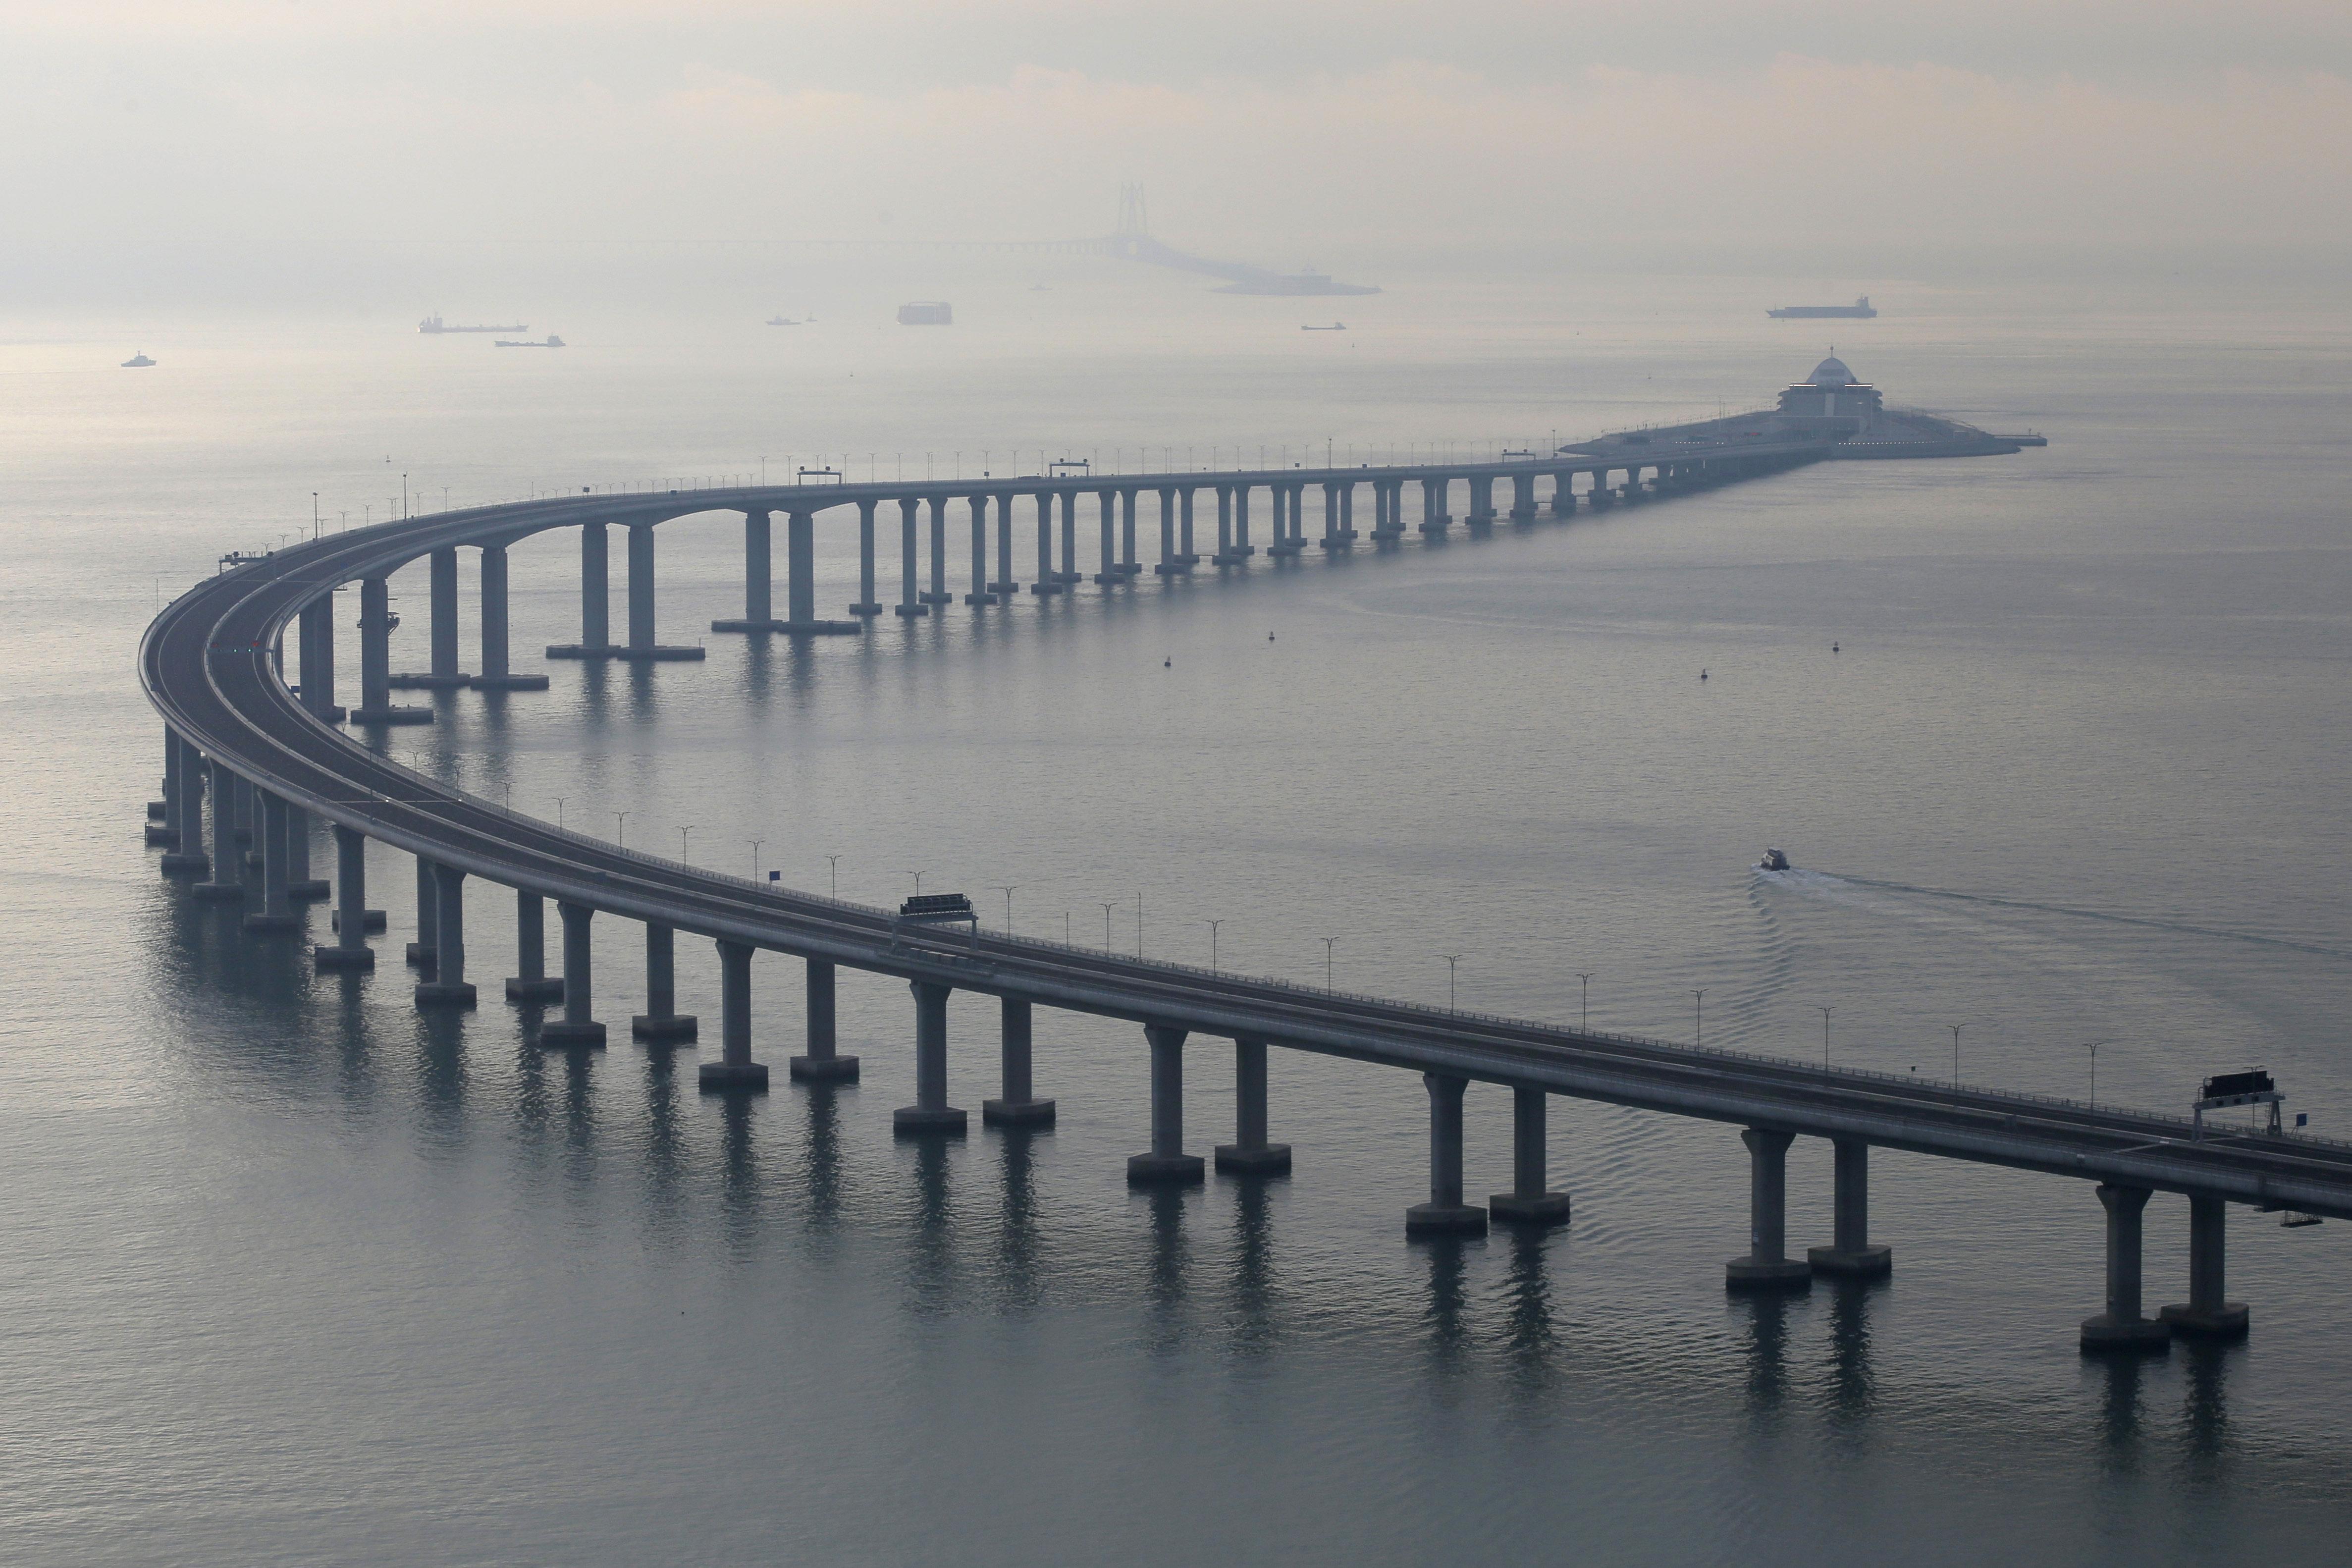 The 34-mile Hong Kong-Zhuhai-Macau bridge was officially opened on